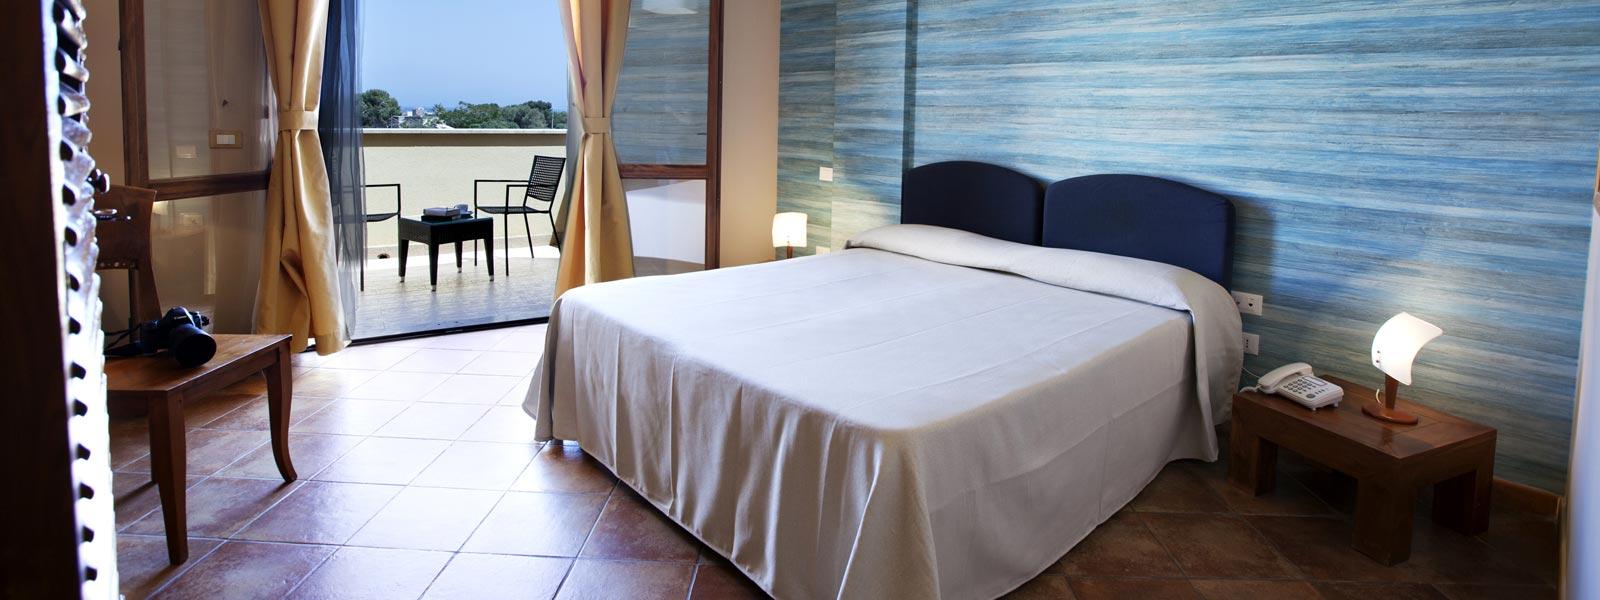 Favignana_Hotel_Isole-Egadi-8256